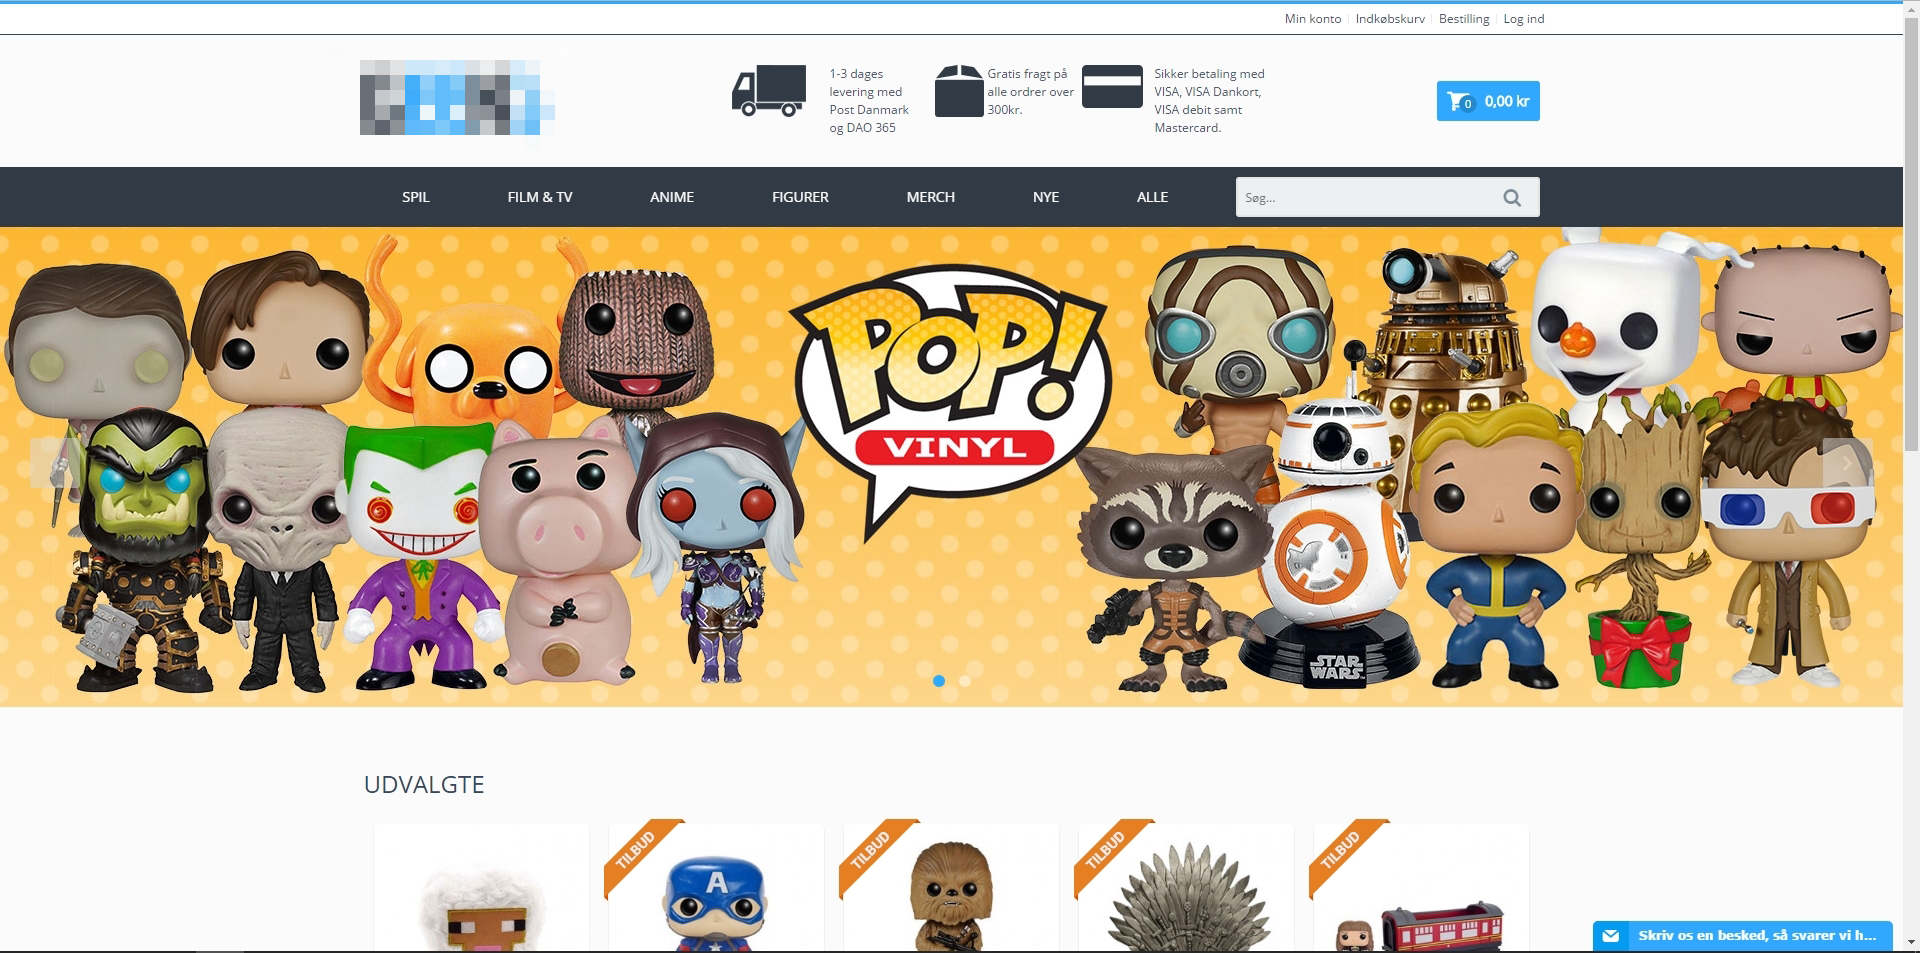 Webshop med salg af merchandise og gadgets fra spil, film og tv